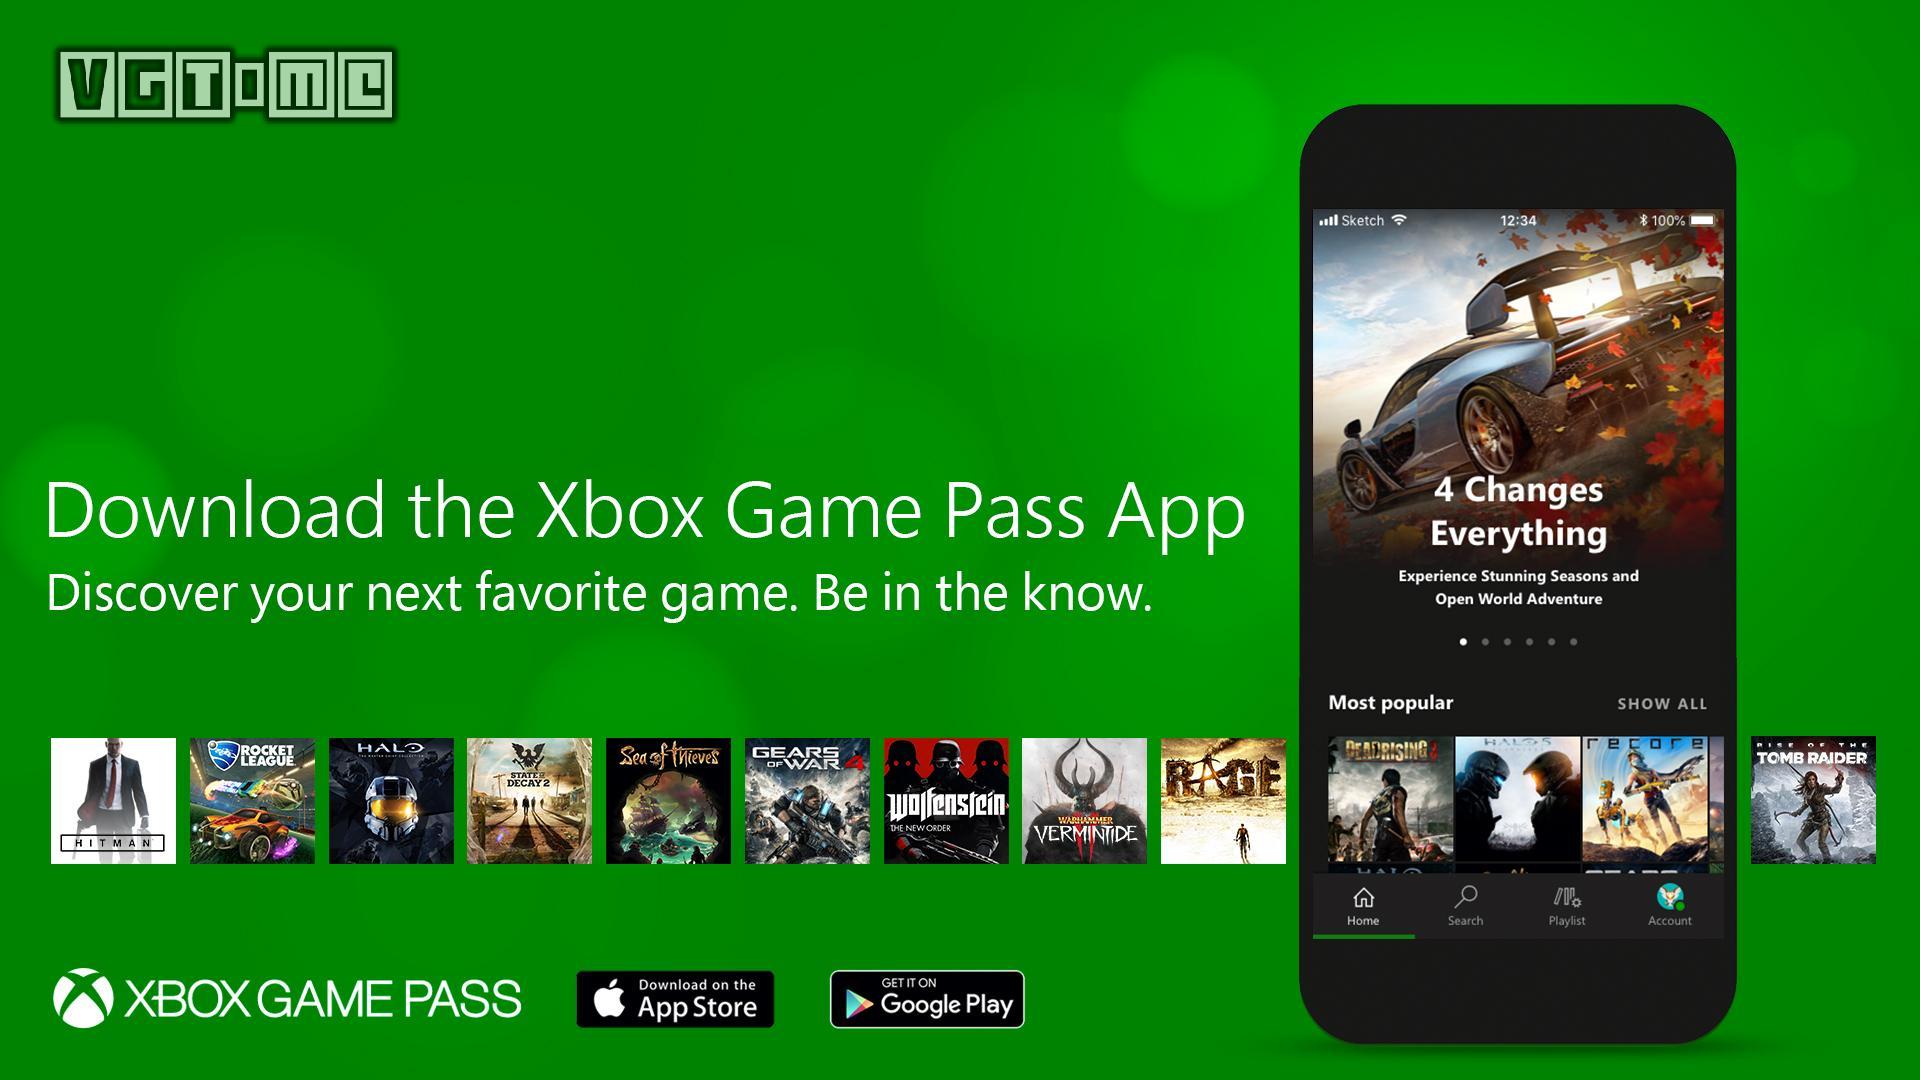 16款游戏即将加入XGP 首月会员1美元体验促销中 - 后花园网文 - 游戏新闻